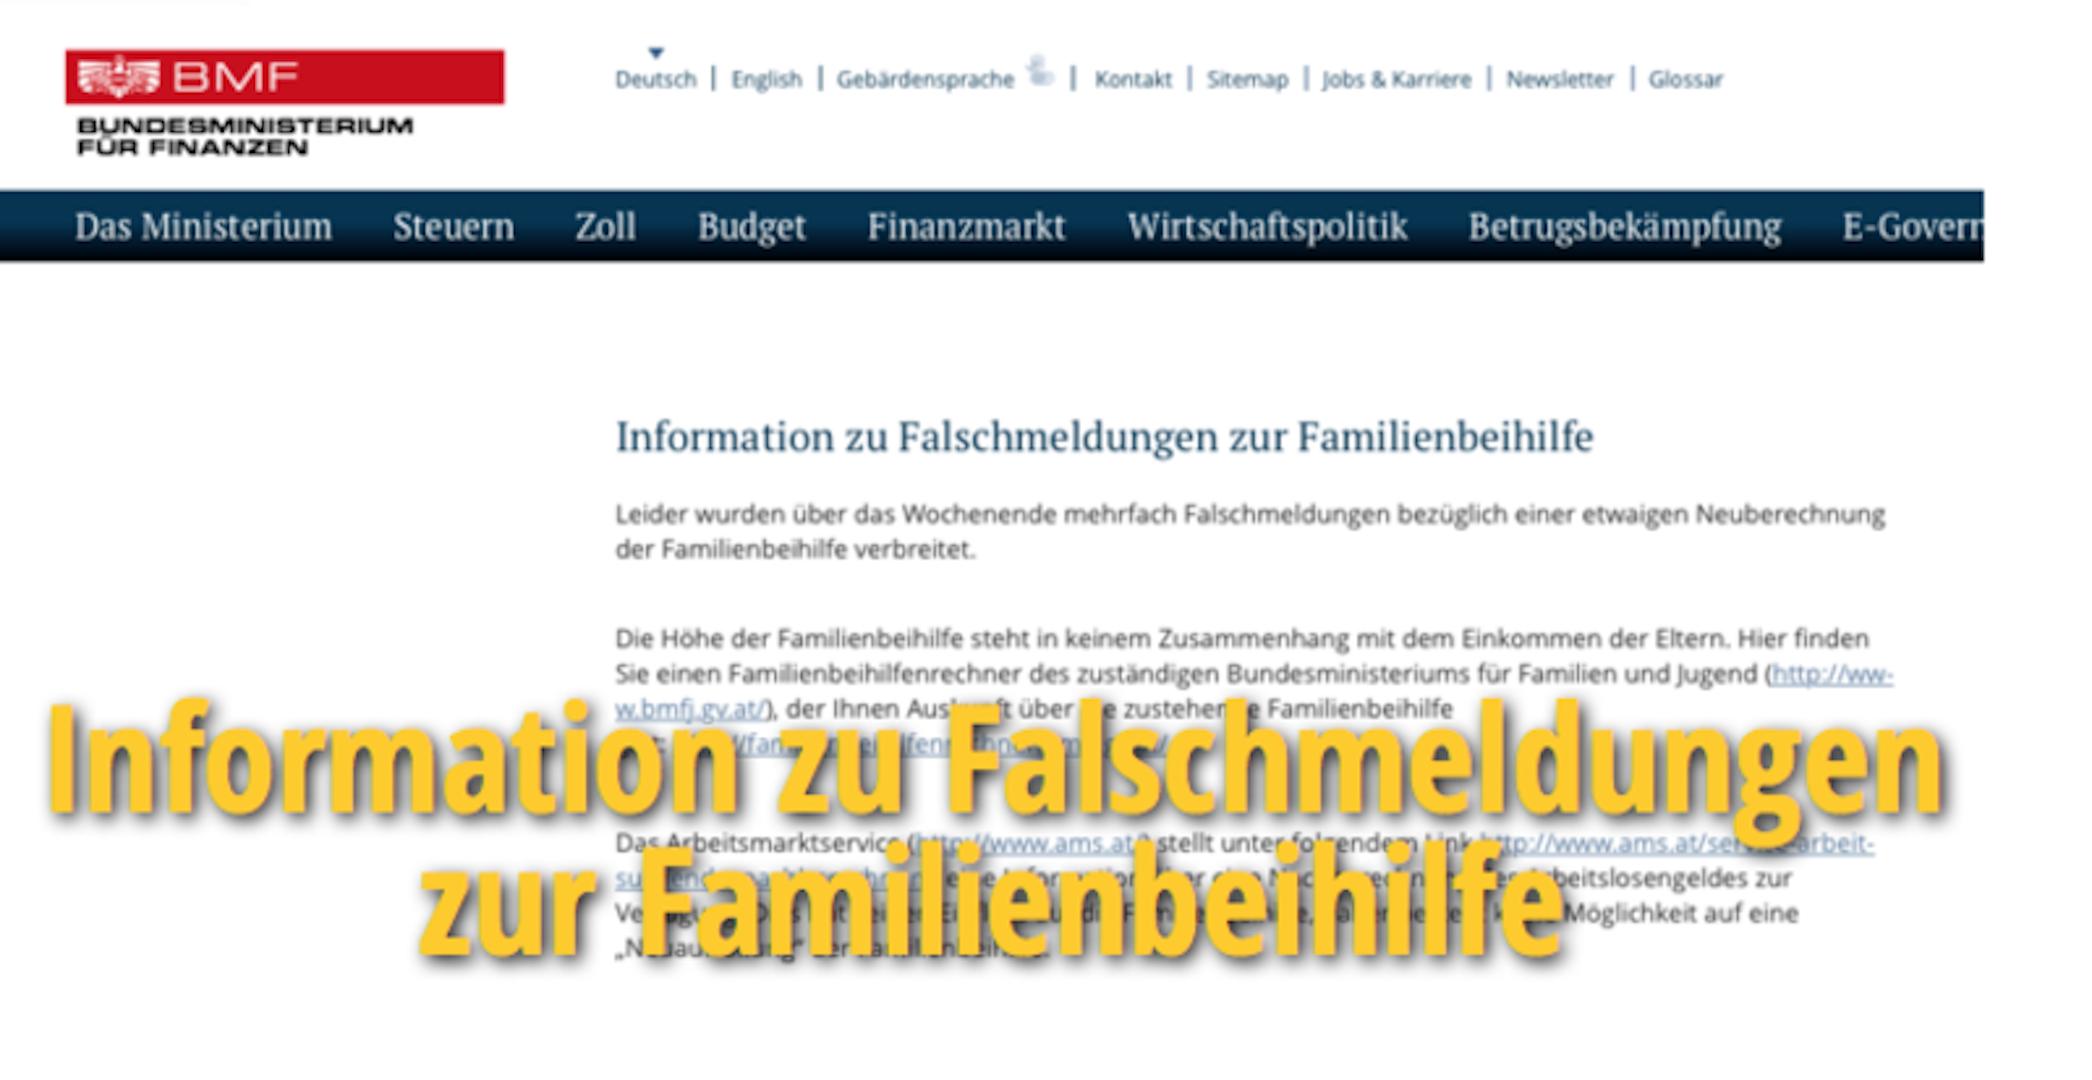 Blog Full Width - Seite 2 von 3 - Turkische Kulturgemeinde Österreich